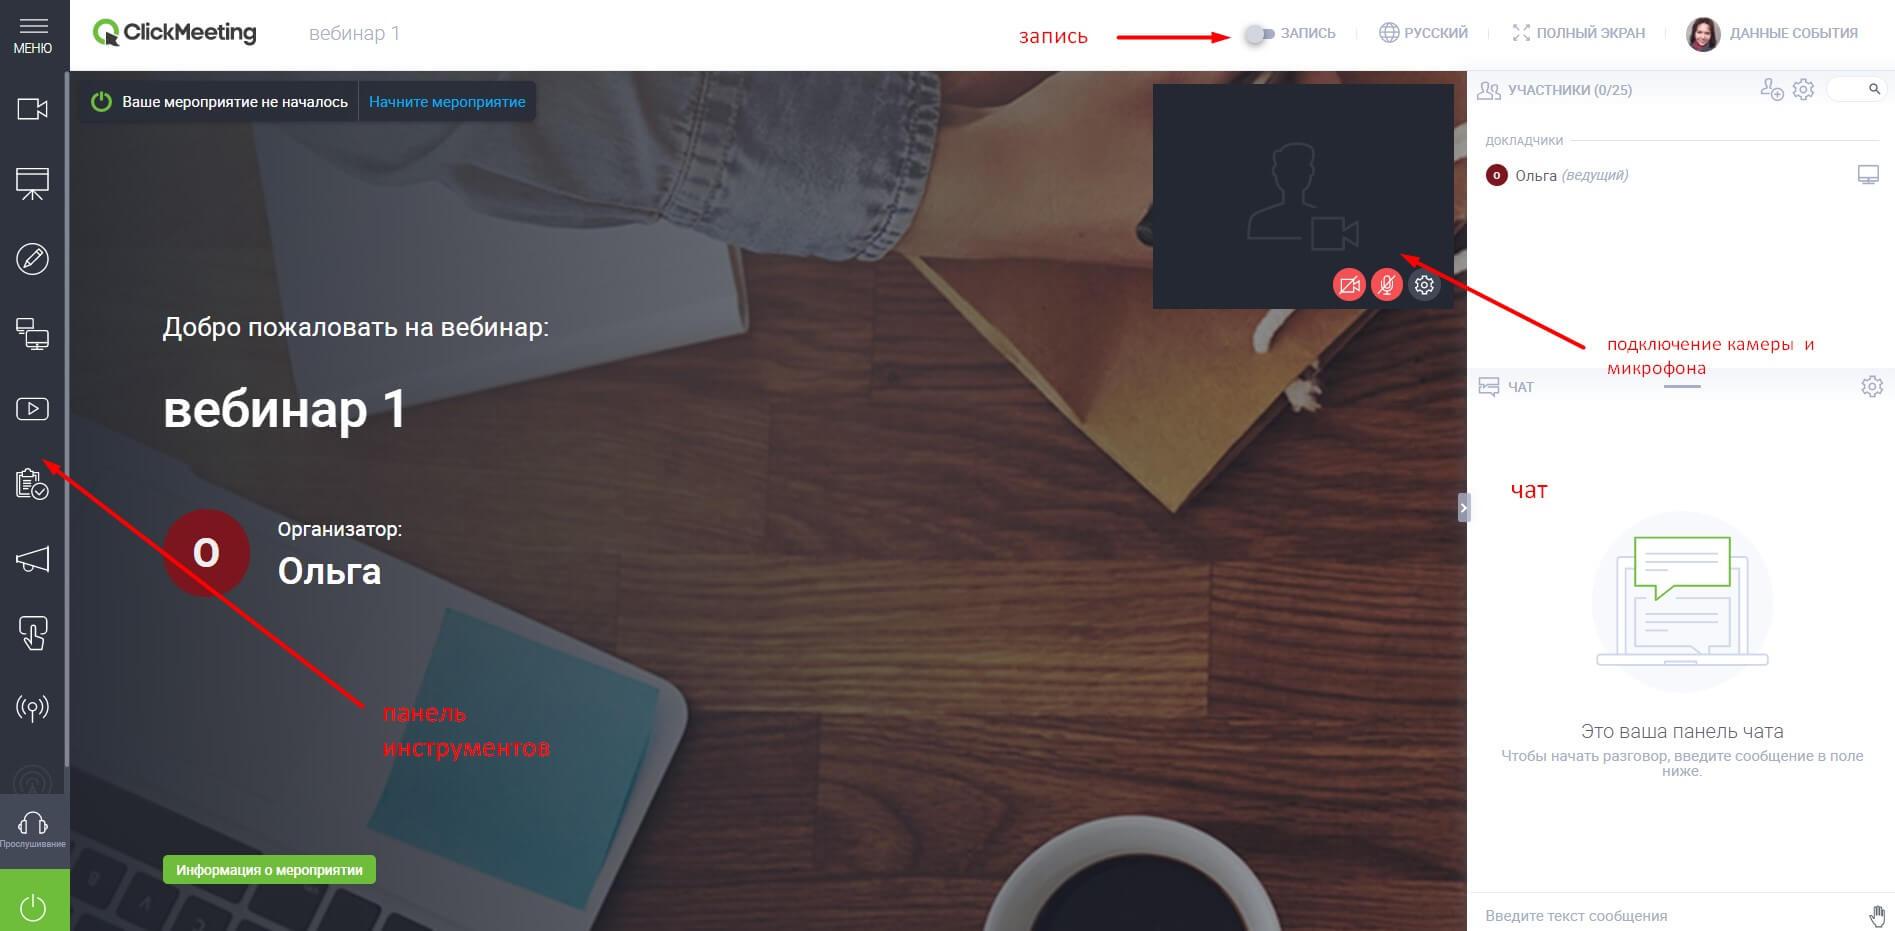 вебинарная комната clickmeeting